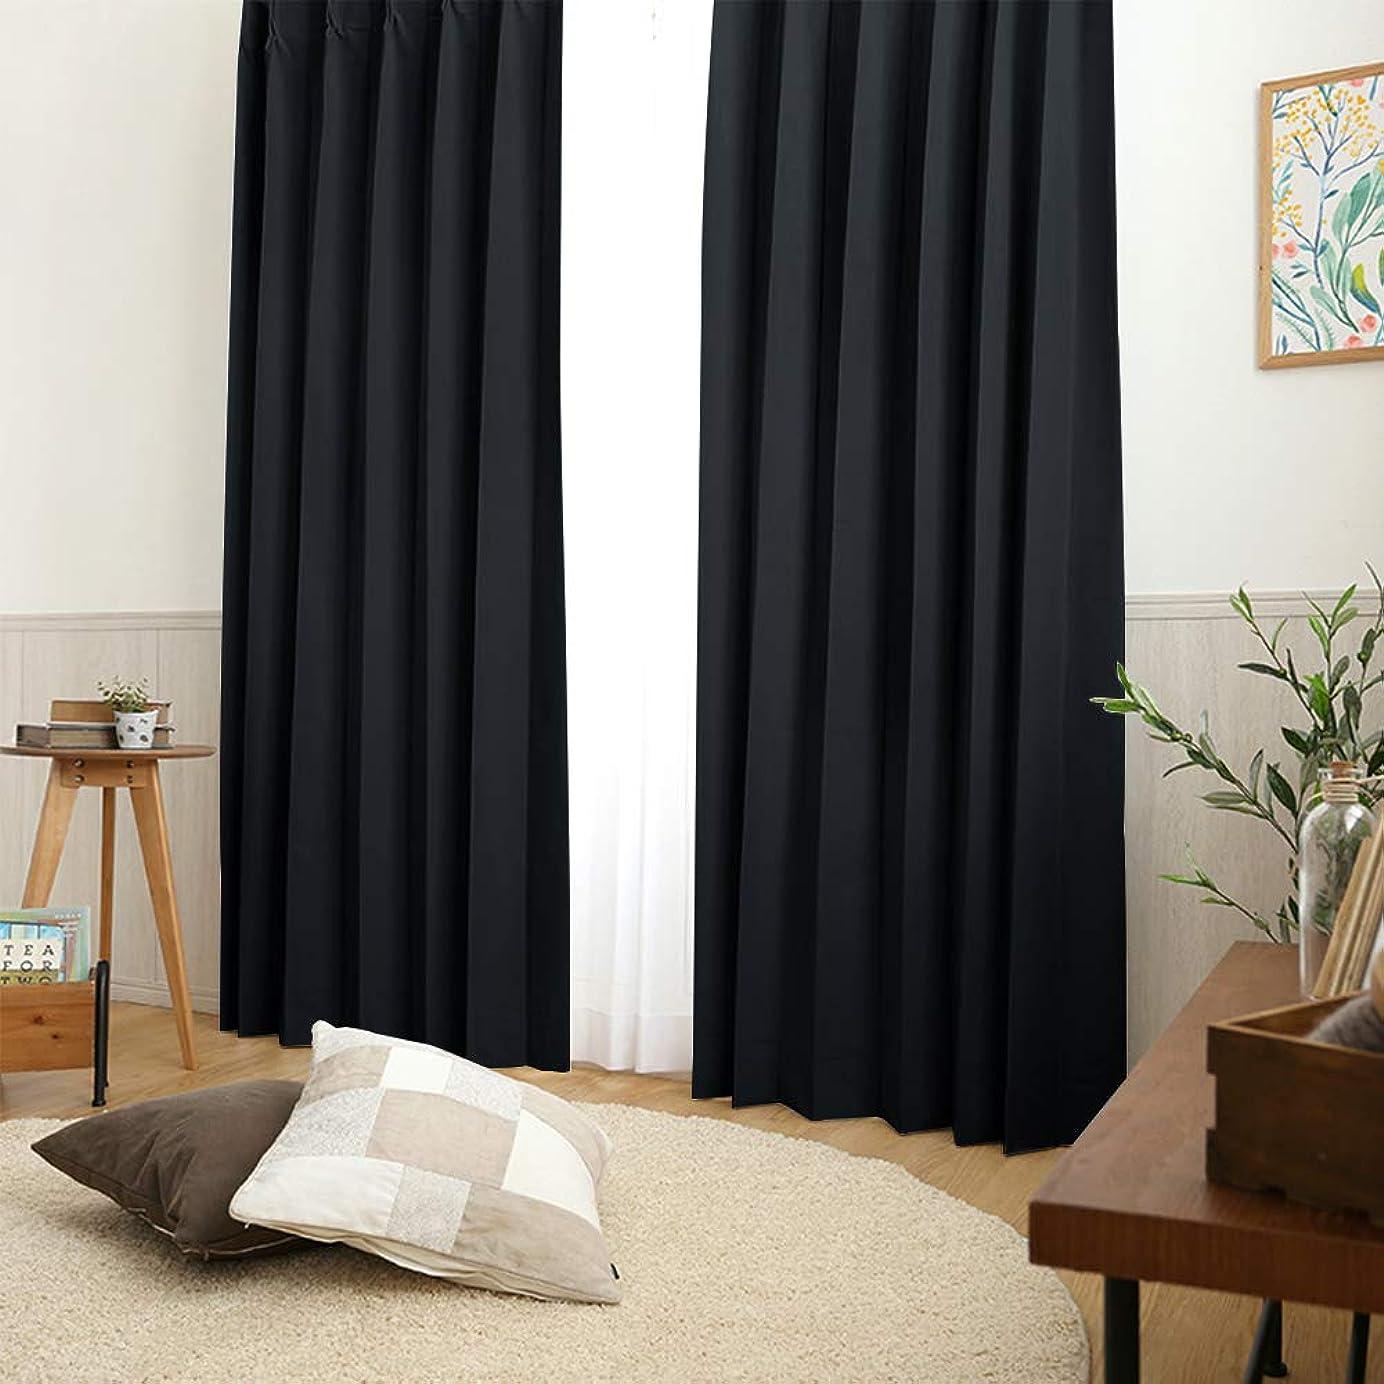 薬理学ラビリンス敬の念PONY DANCE 断熱 1級遮光カーテン ブラック 1枚 150x178cm 日除け UVカット 部屋仕切り 目隠し